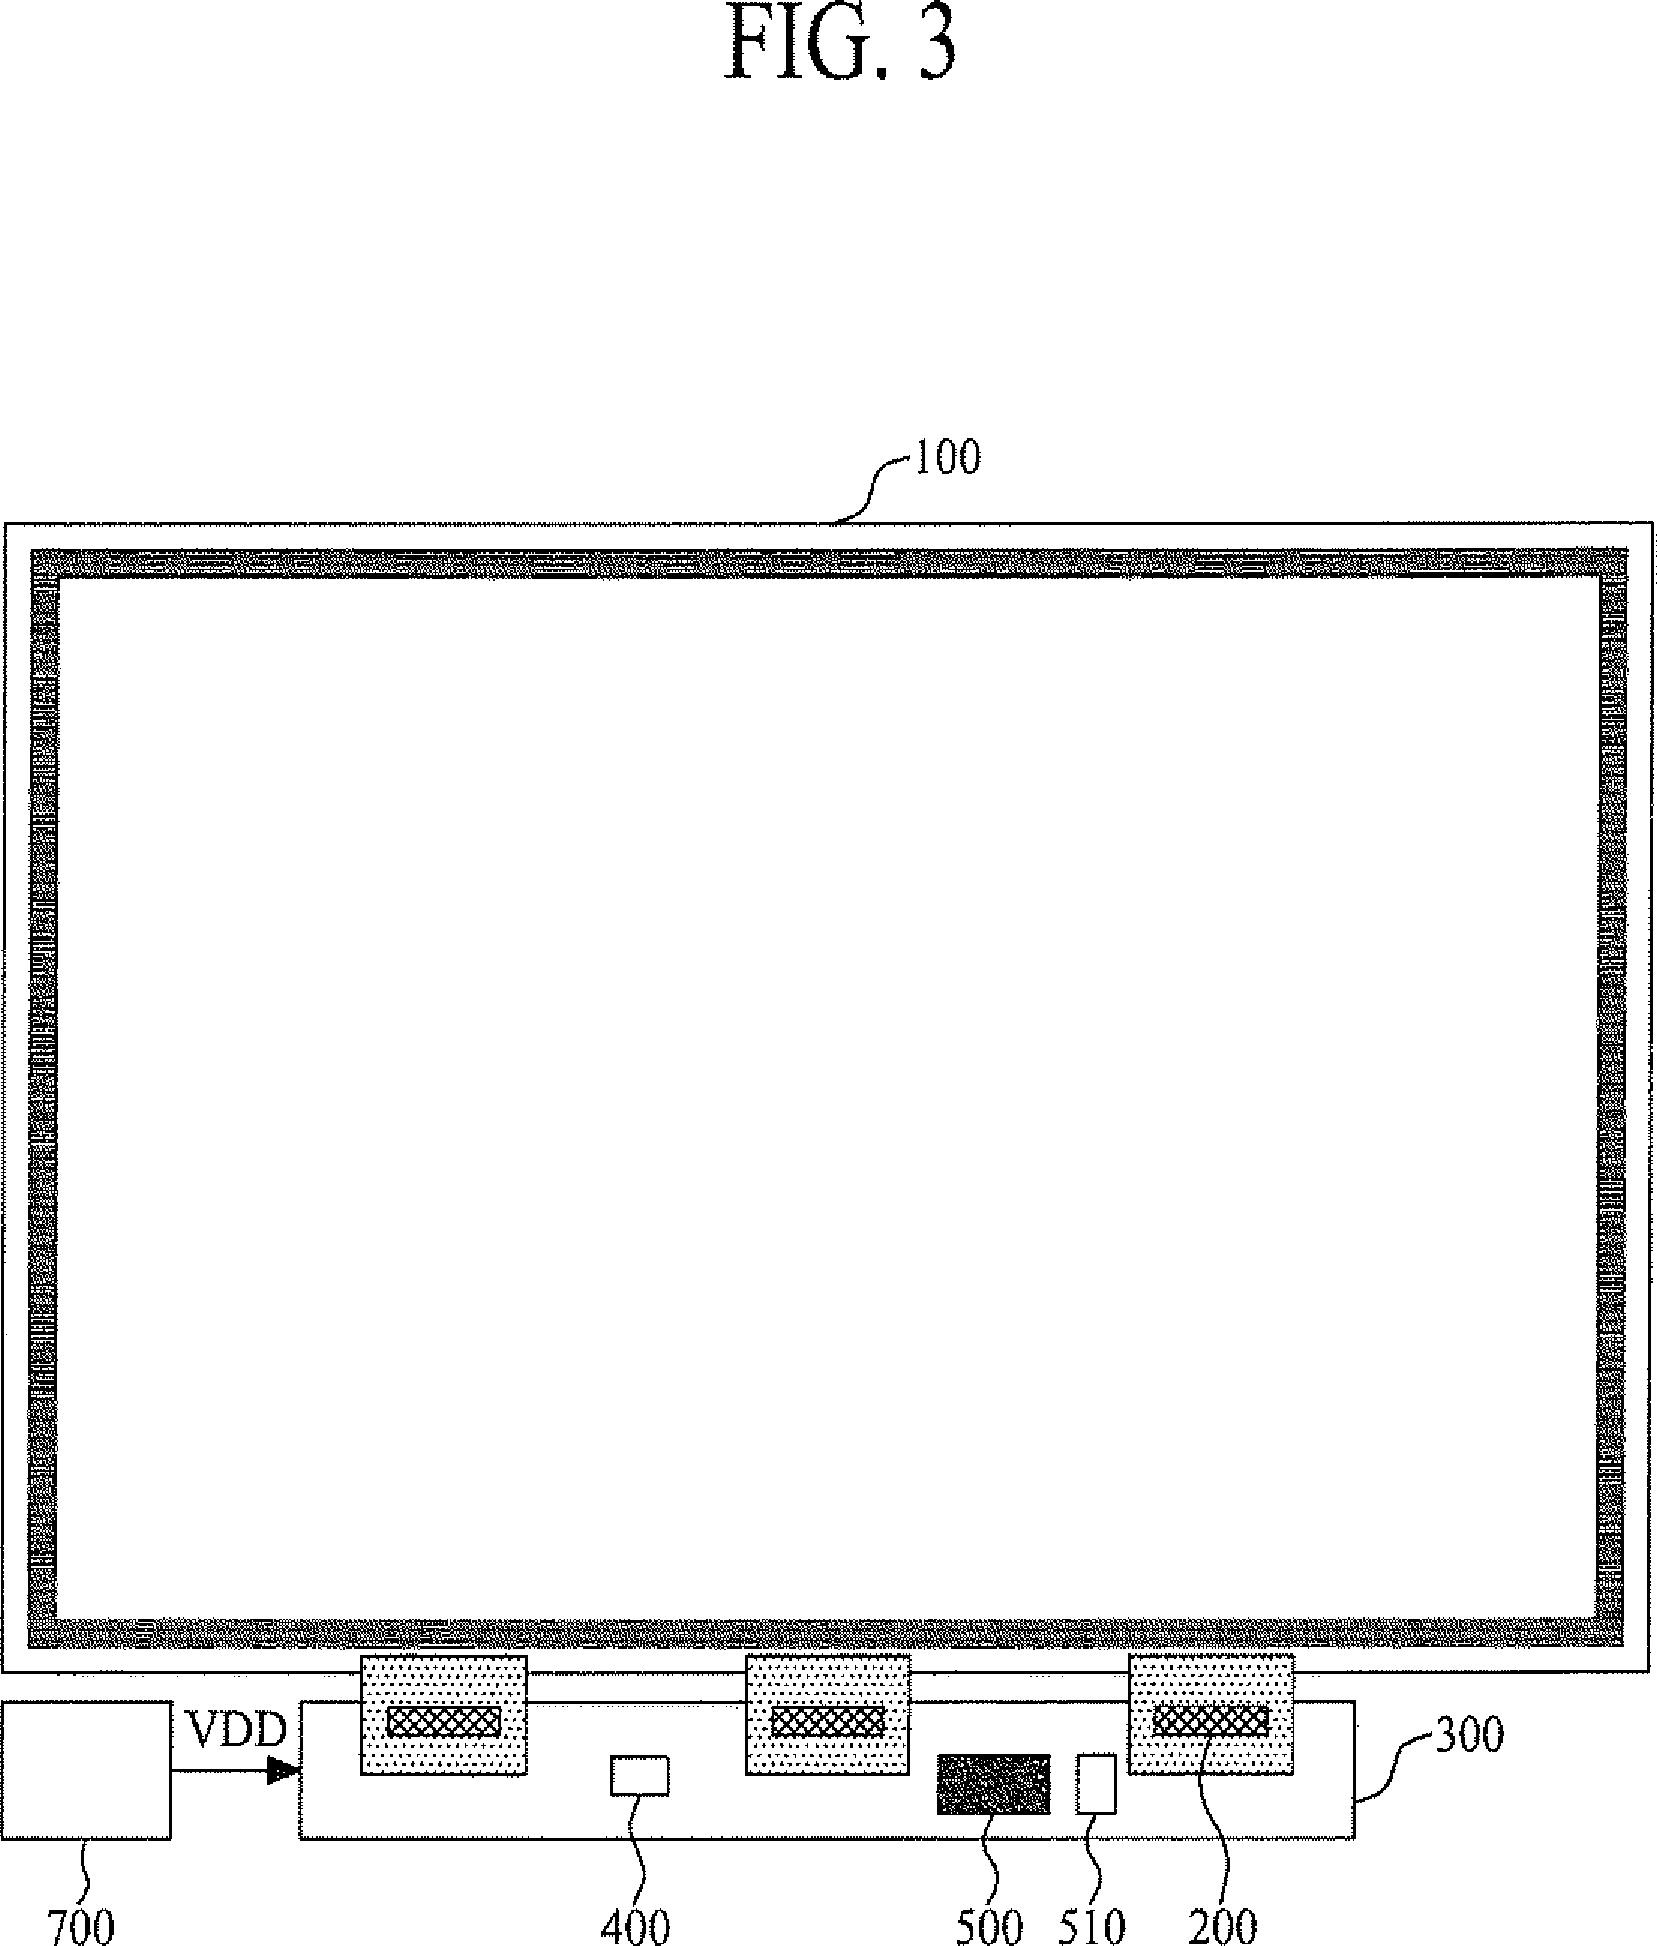 Ungewöhnlich Steuerschaltkreis Bilder - Der Schaltplan - triangre.info